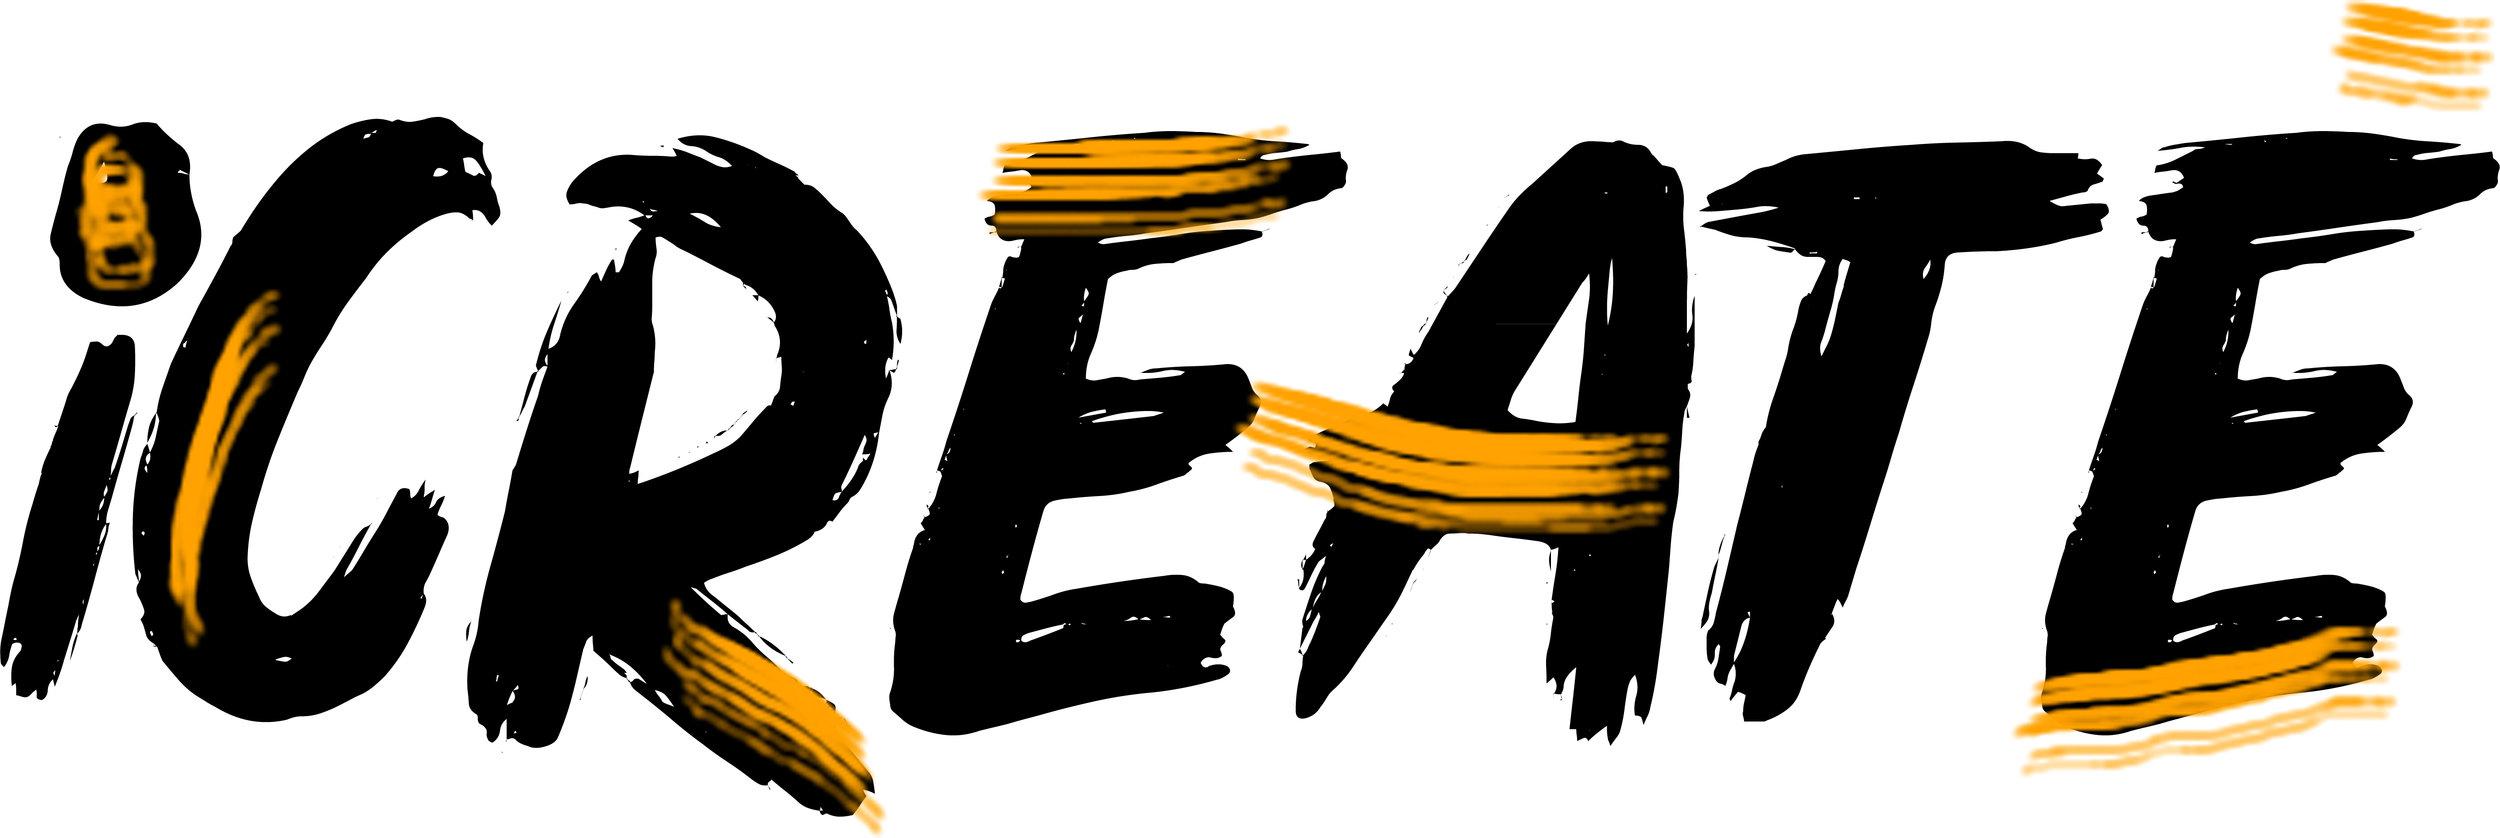 iCreate.jpg